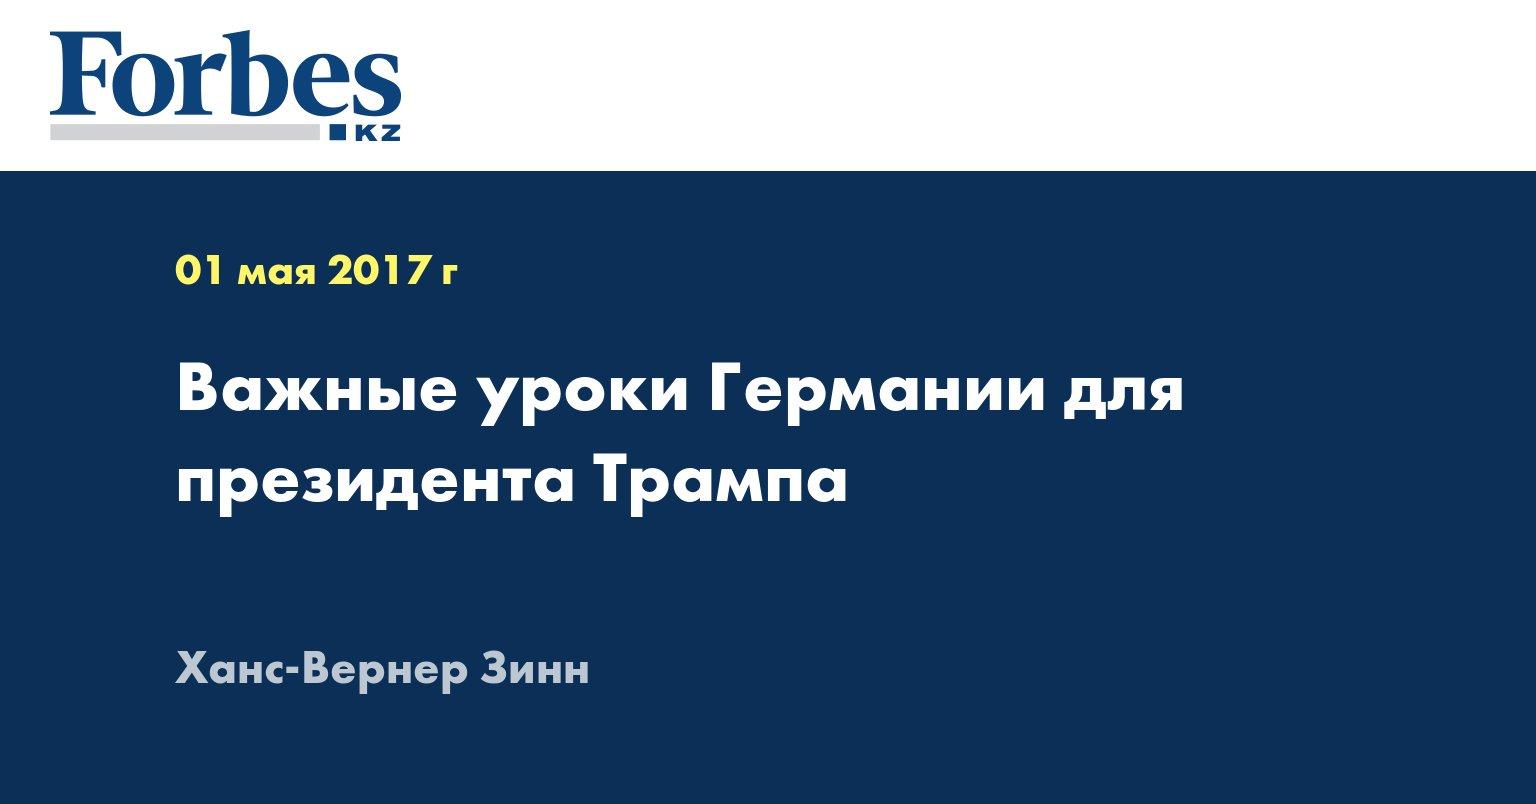 как будет работать банк газпром с1 по 10 января 2016 волгоград